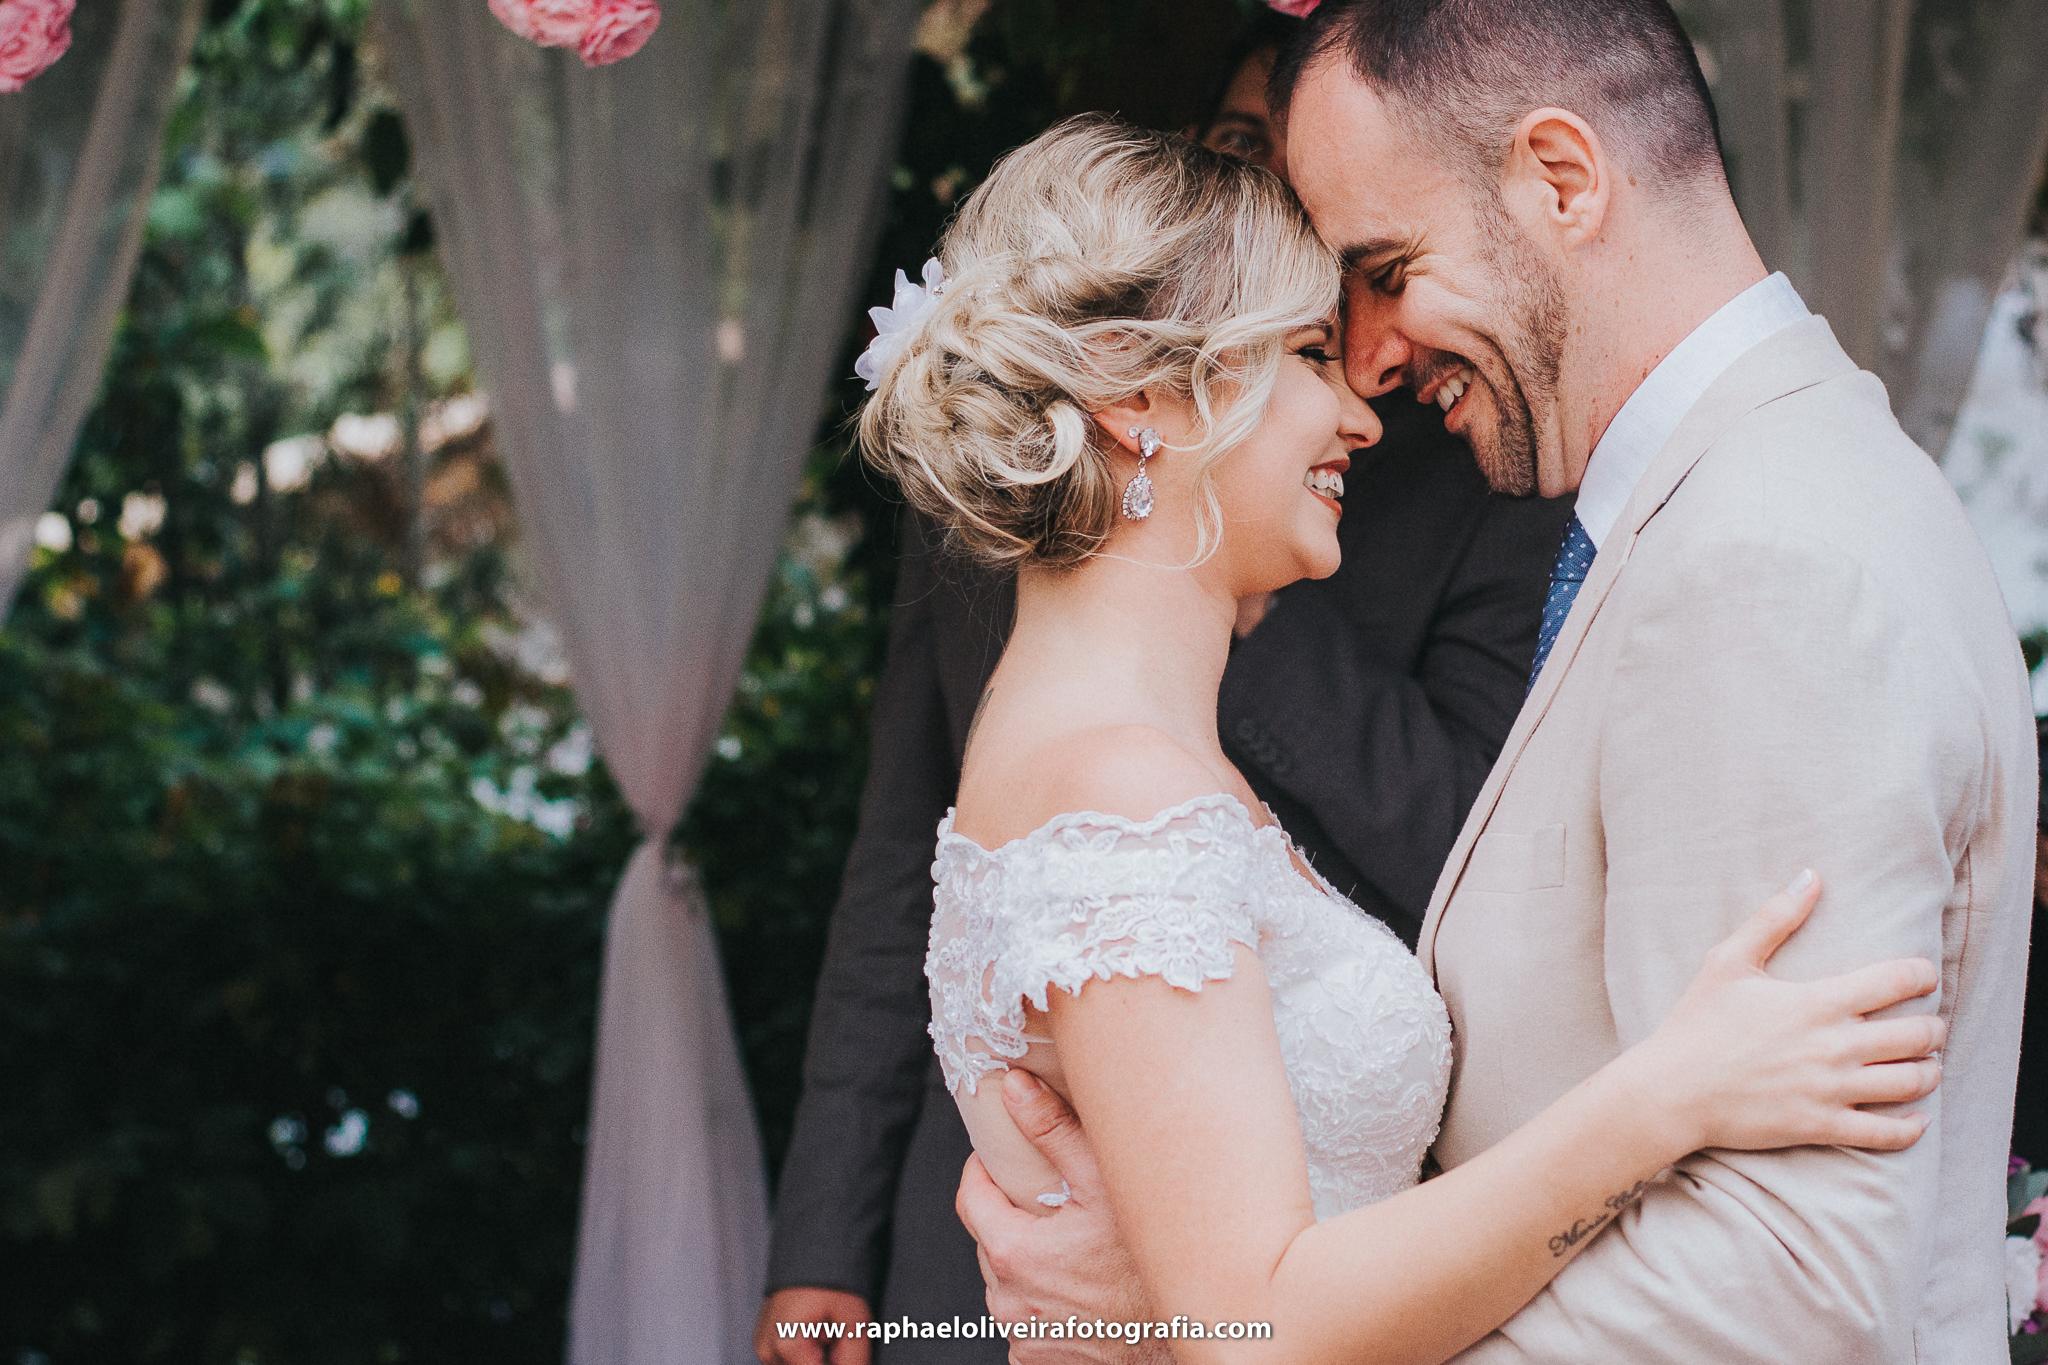 Contate Raphael Oliveira | Fotografo de Casamento e Família